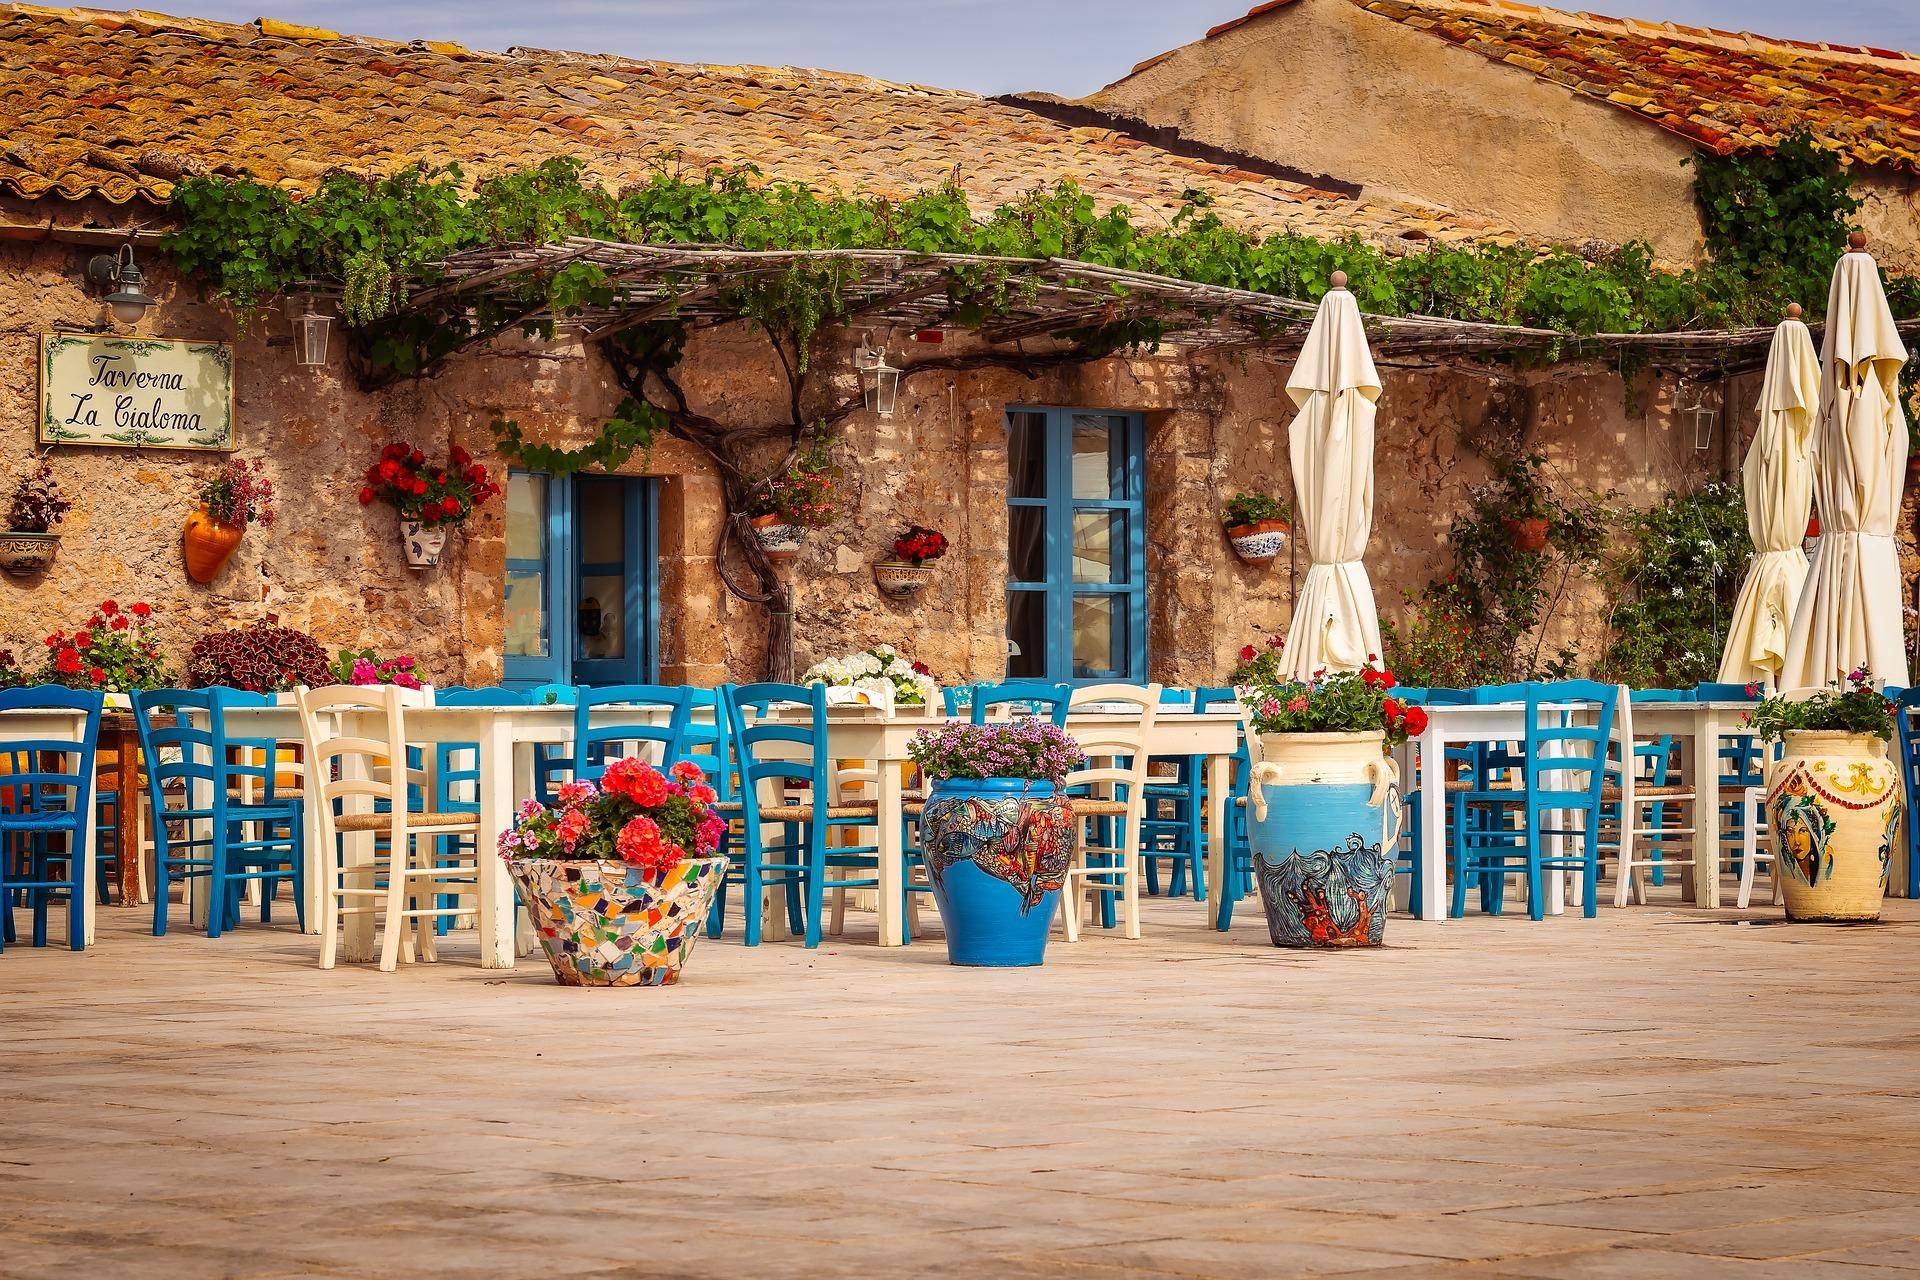 Diego está en un restaurante romántico.